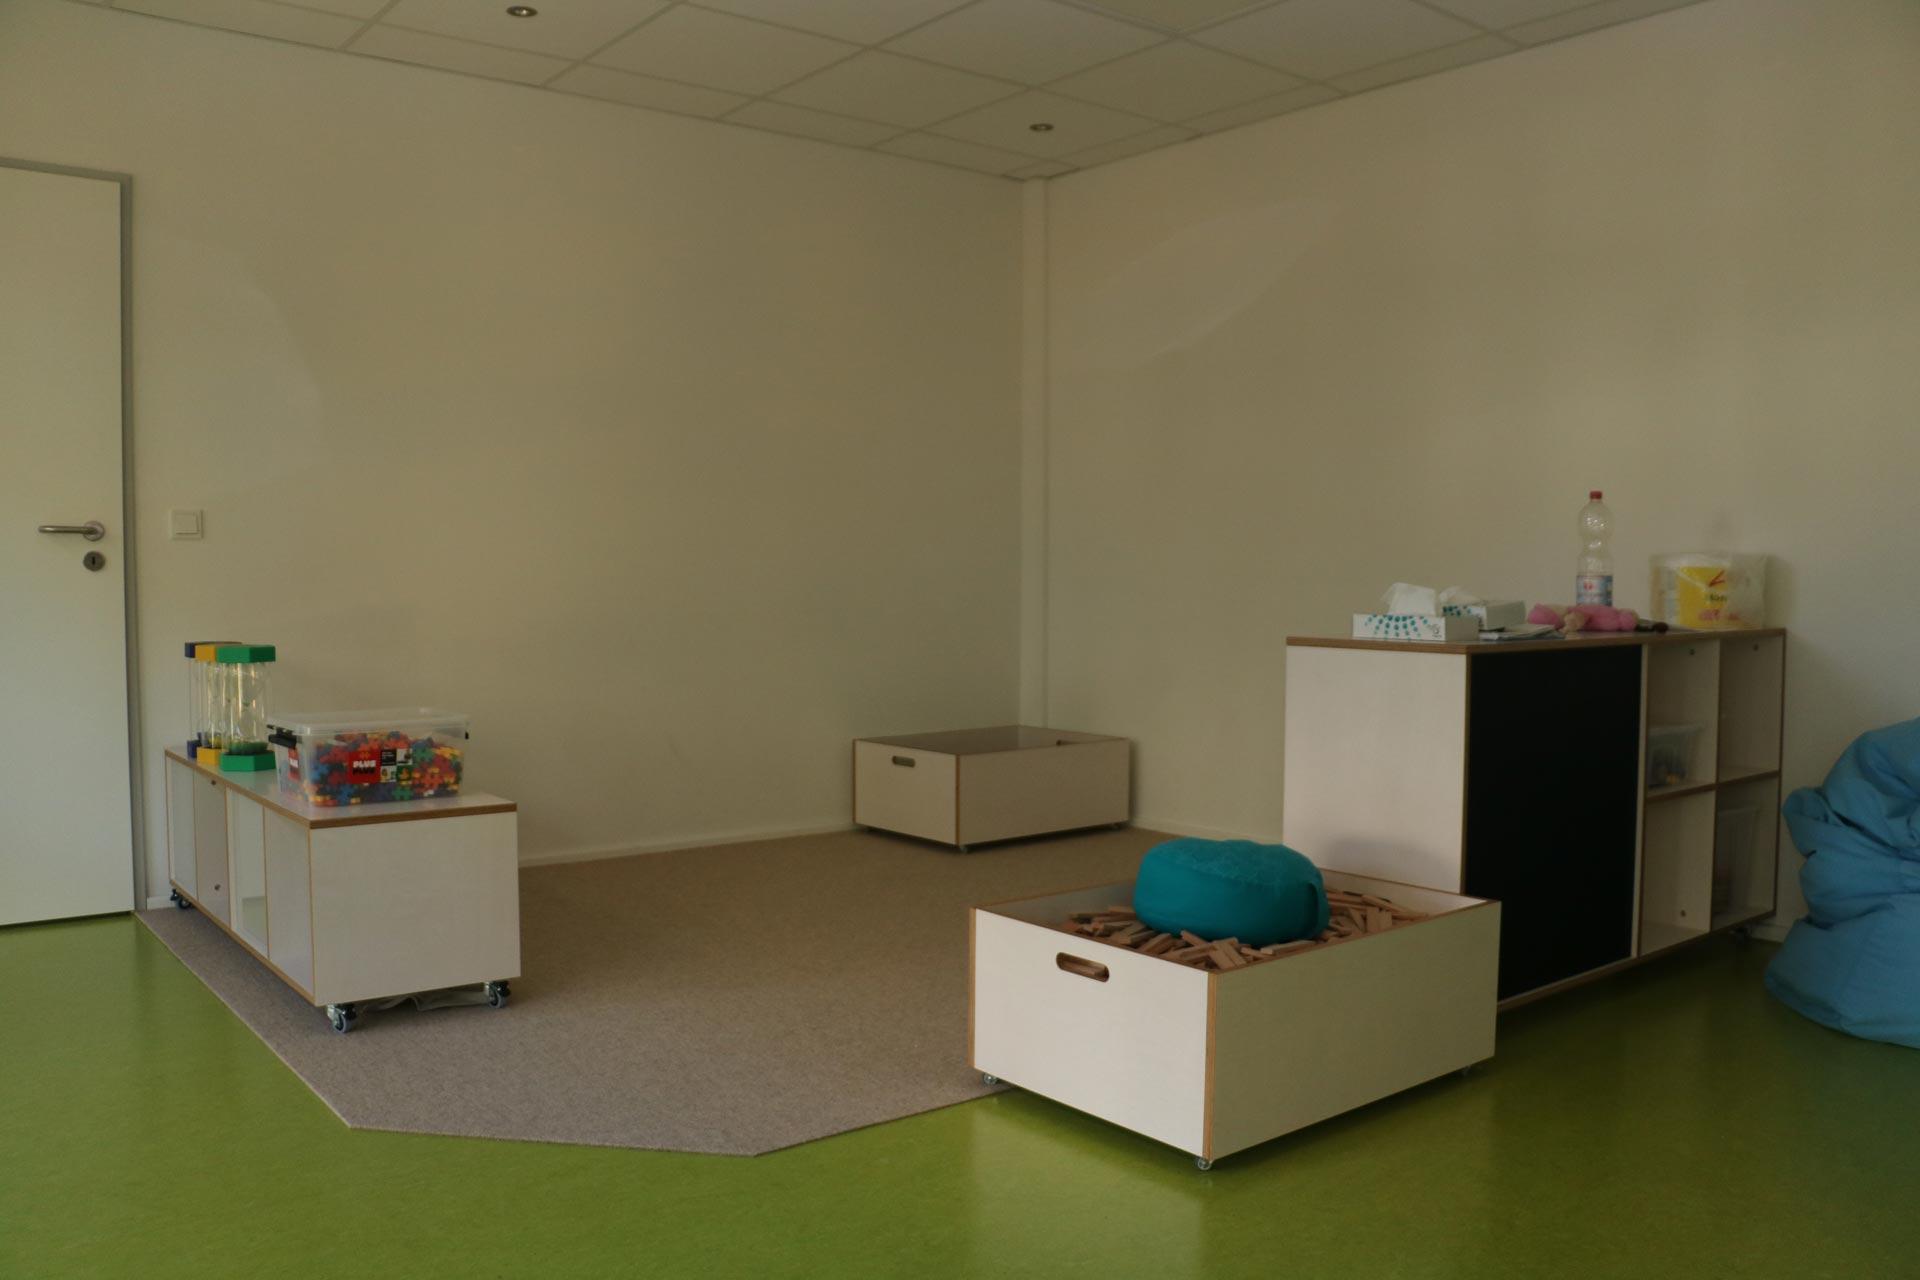 Tischlerei Artur Graumann GmbH in Hamburg | Kindergarteneinrichtungen | Sonstiges Hamburg